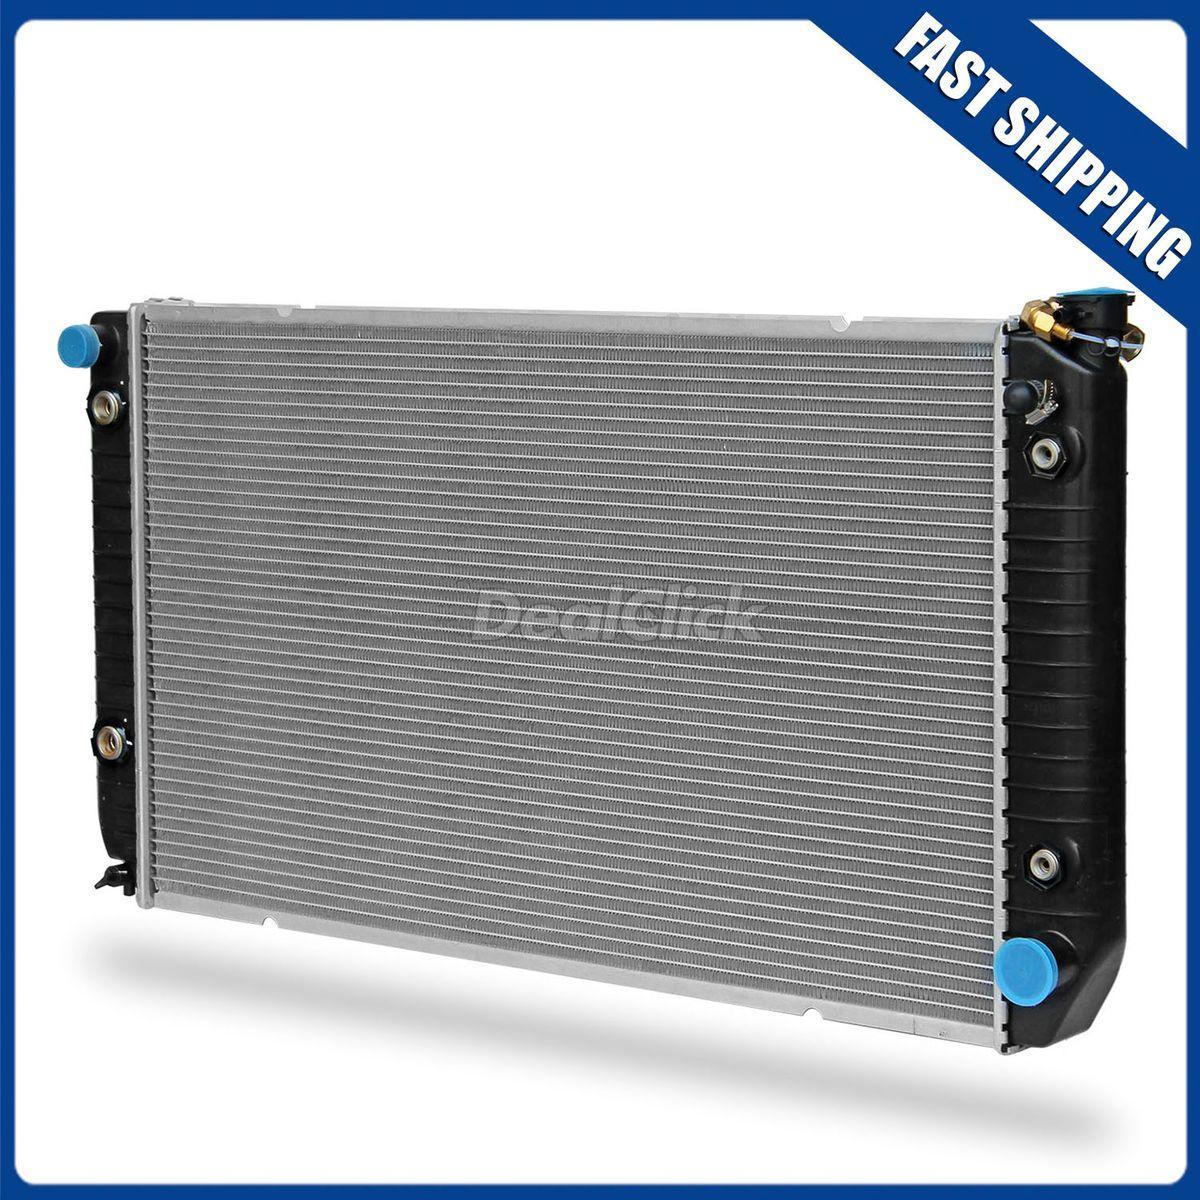 New 2 Row Aluminum Radiator for C2500 C3500 K2500 K3500 Suburban C3500Hd 7.4L V8